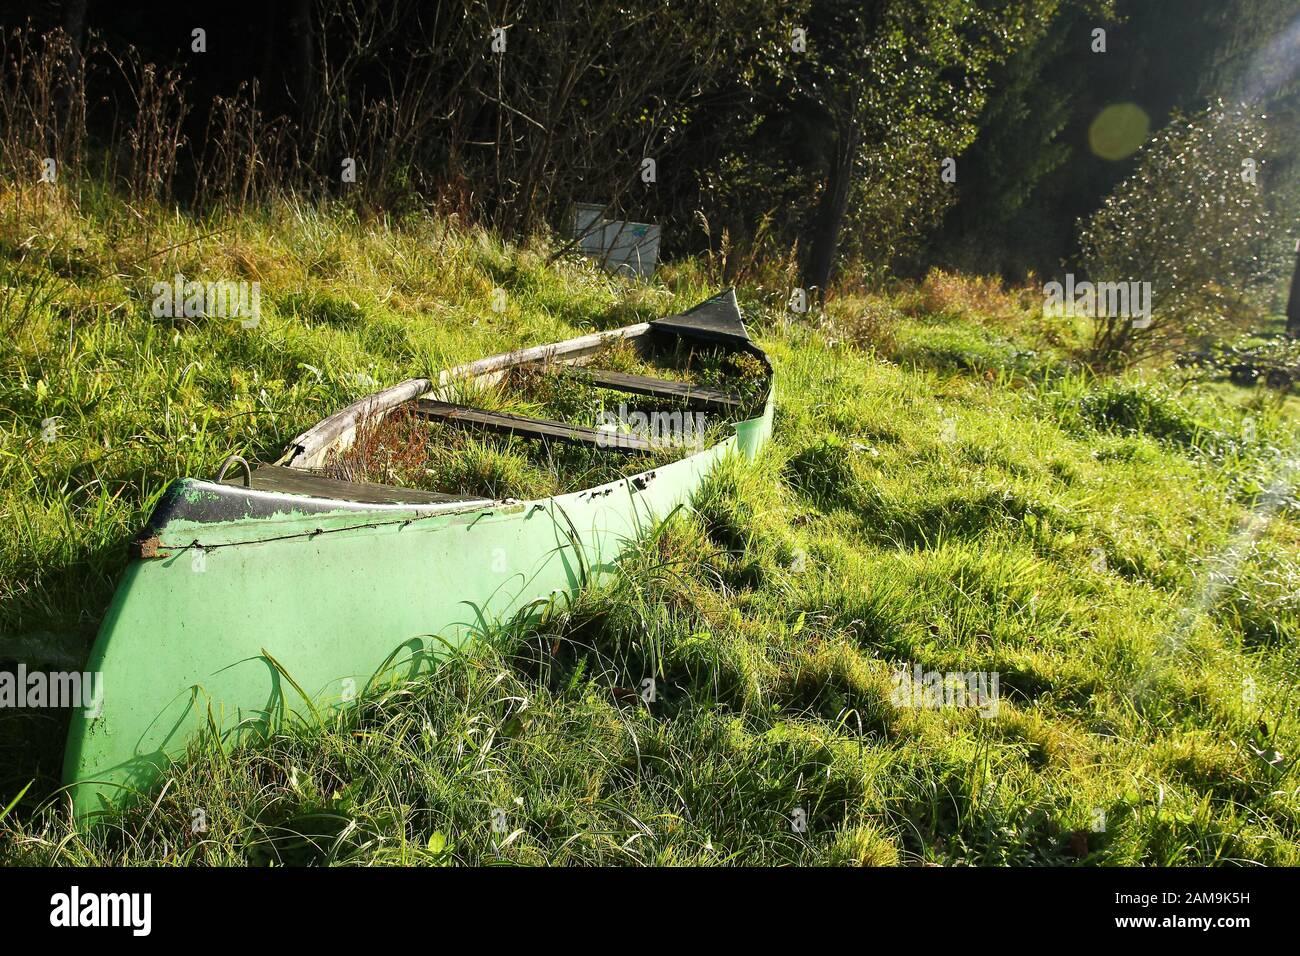 La antigua canoa está situada en el prado cerca del río y es abandonada, completamente superada por la hierba e inútil. Foto de stock